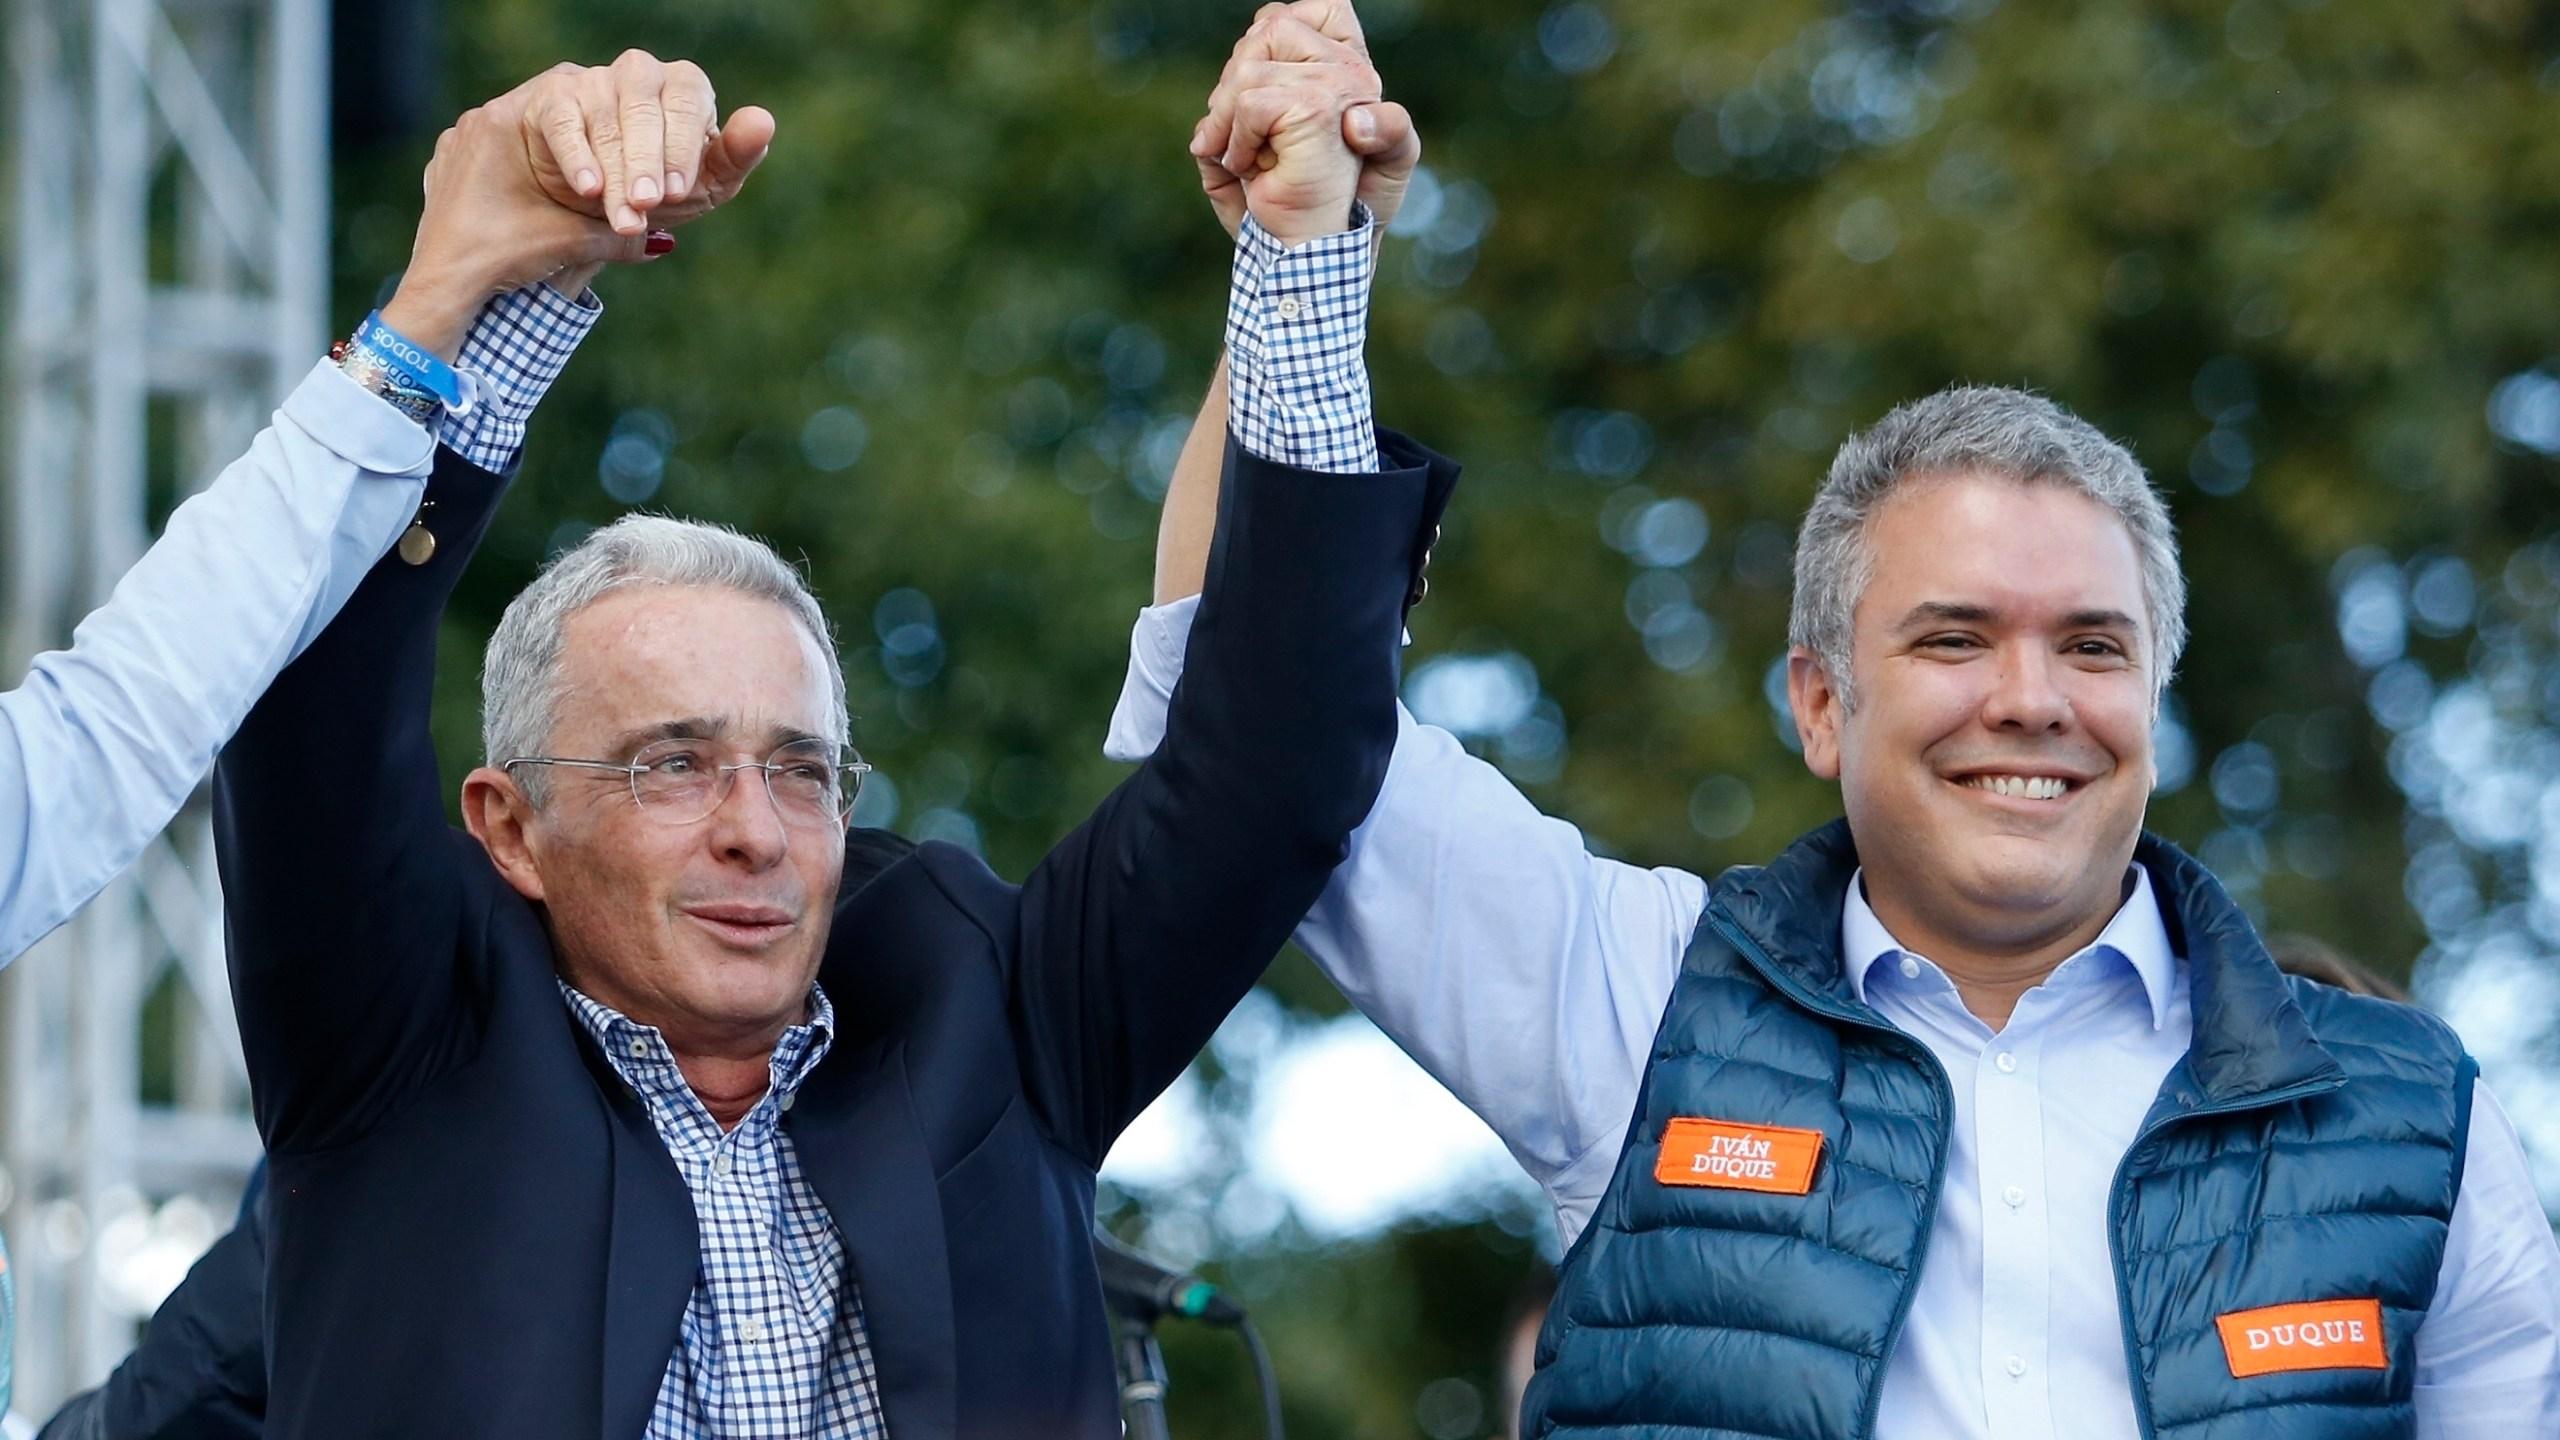 Ivan Duque, Alvaro Uribe